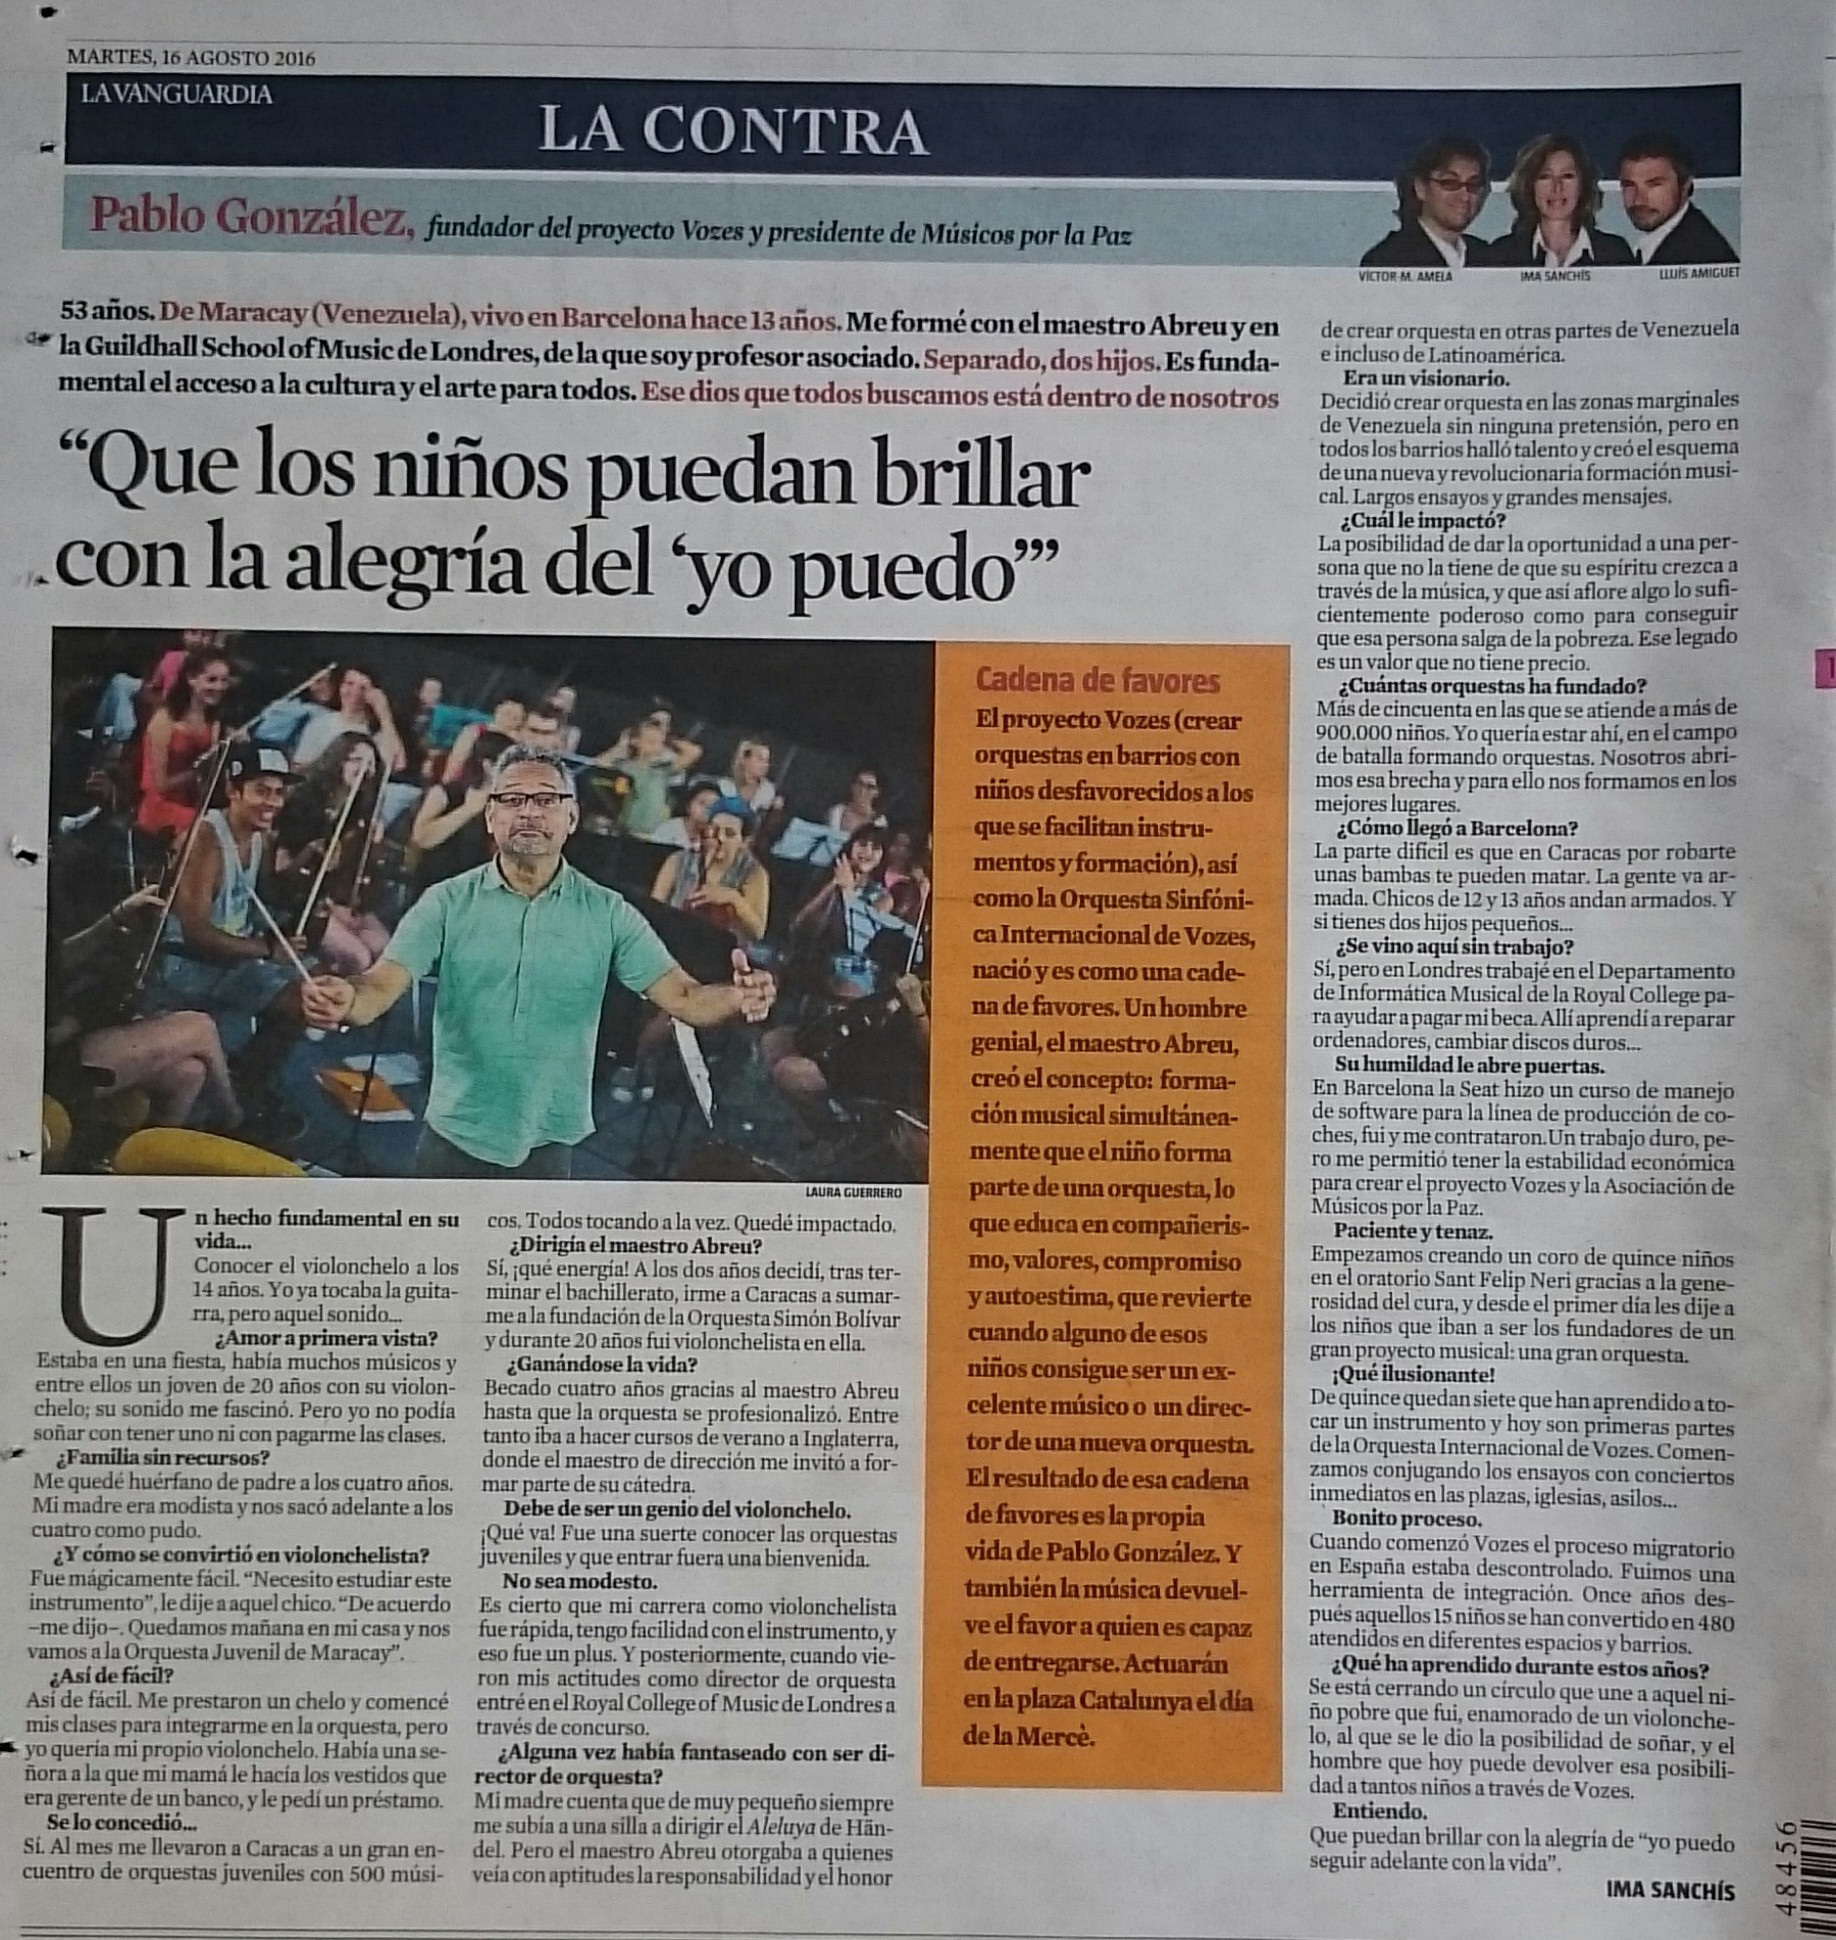 16-8-16_Entrevista Pablo González y VOZES en LaVanguardia